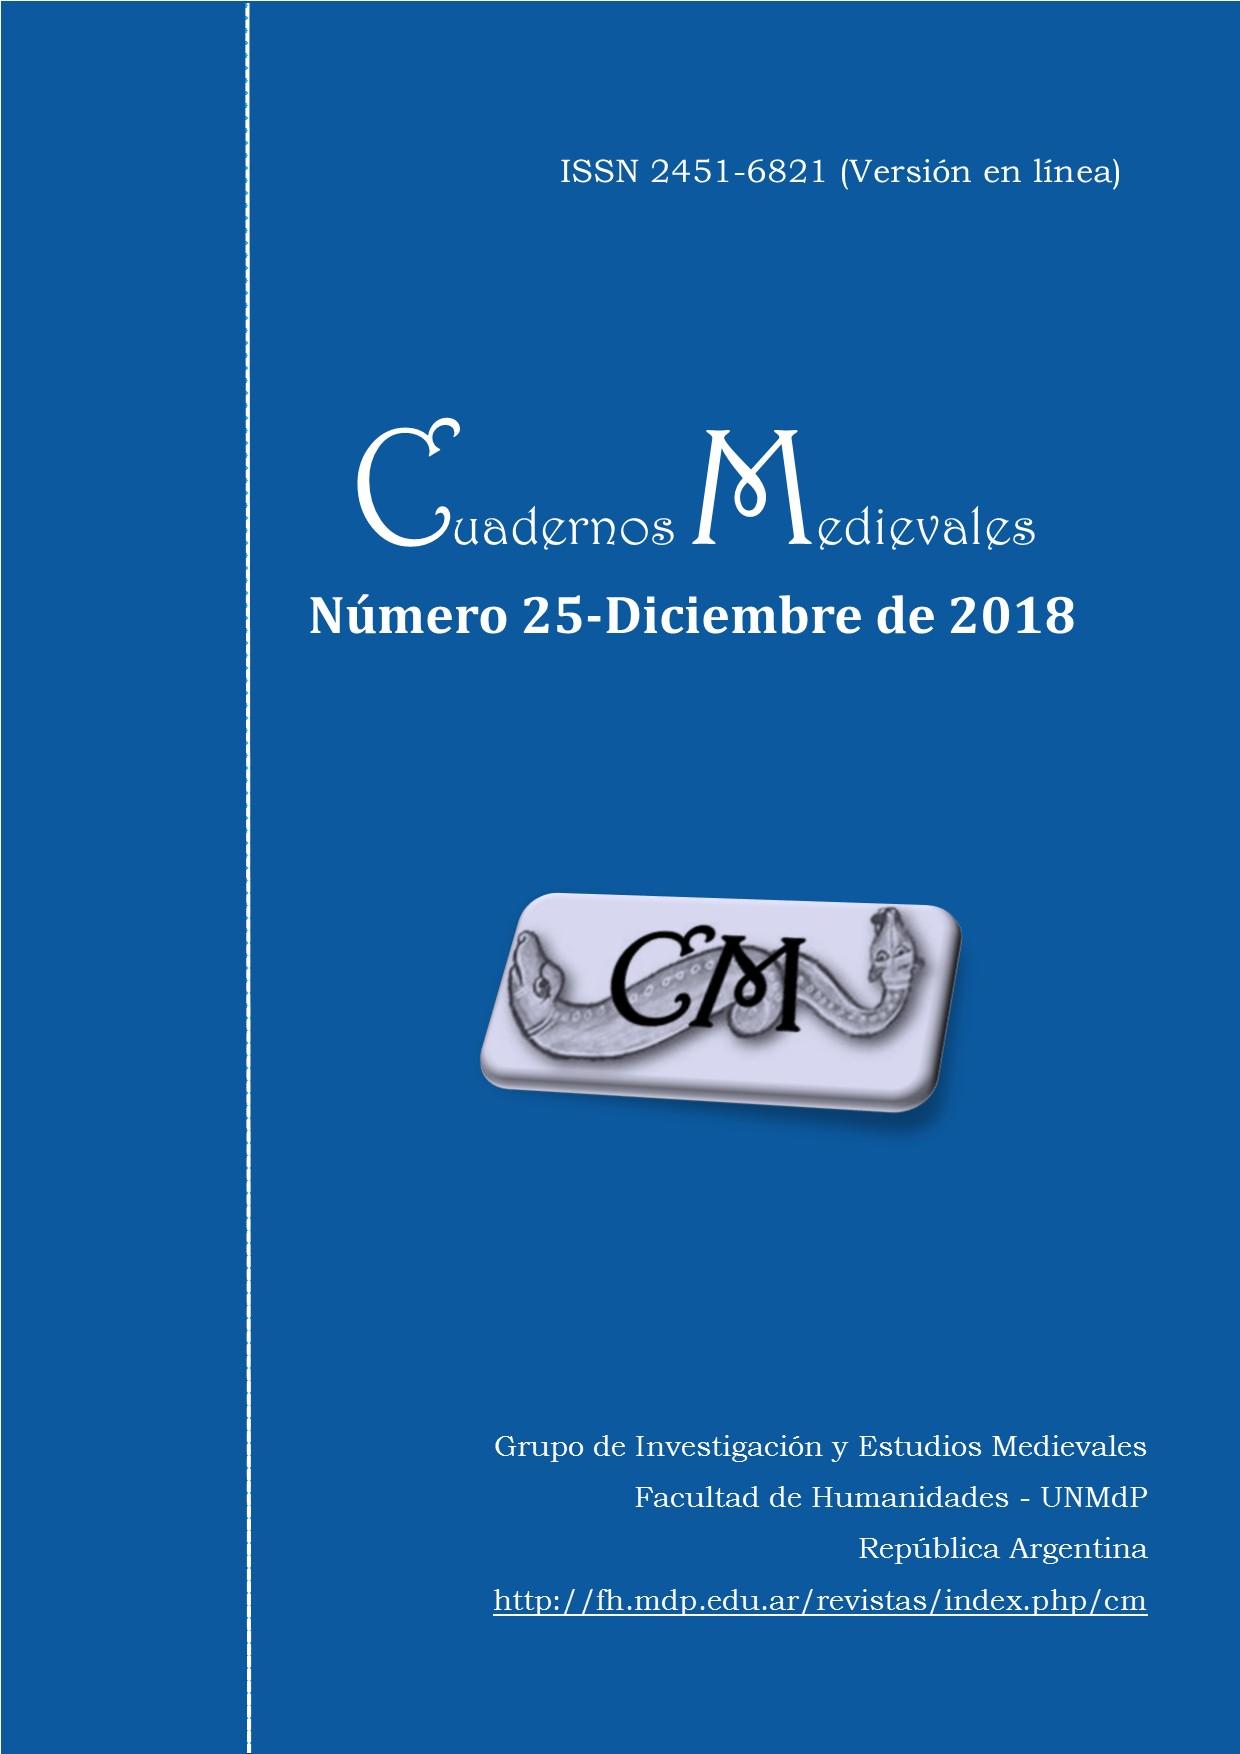 Cuadernos Medievales 25 - Diciembre 2018